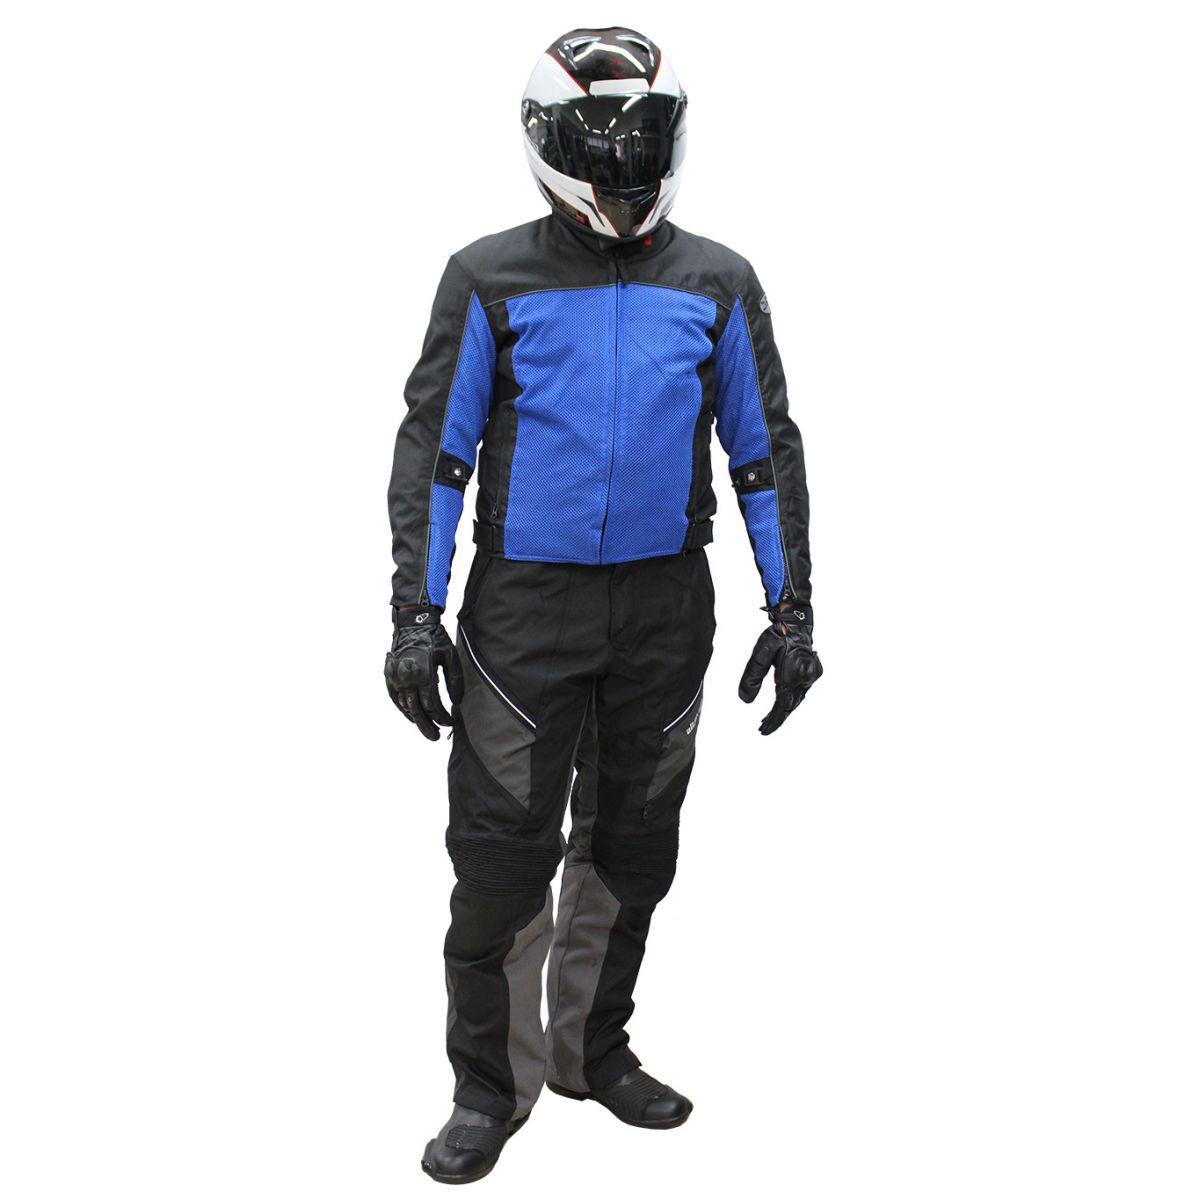 Conjunto Jaqueta Joe Rocket Velocity + Calça Alter Ego 2.0 (Ventiladas e Impermeáveis) - Azul  - Nova Suzuki Motos e Acessórios